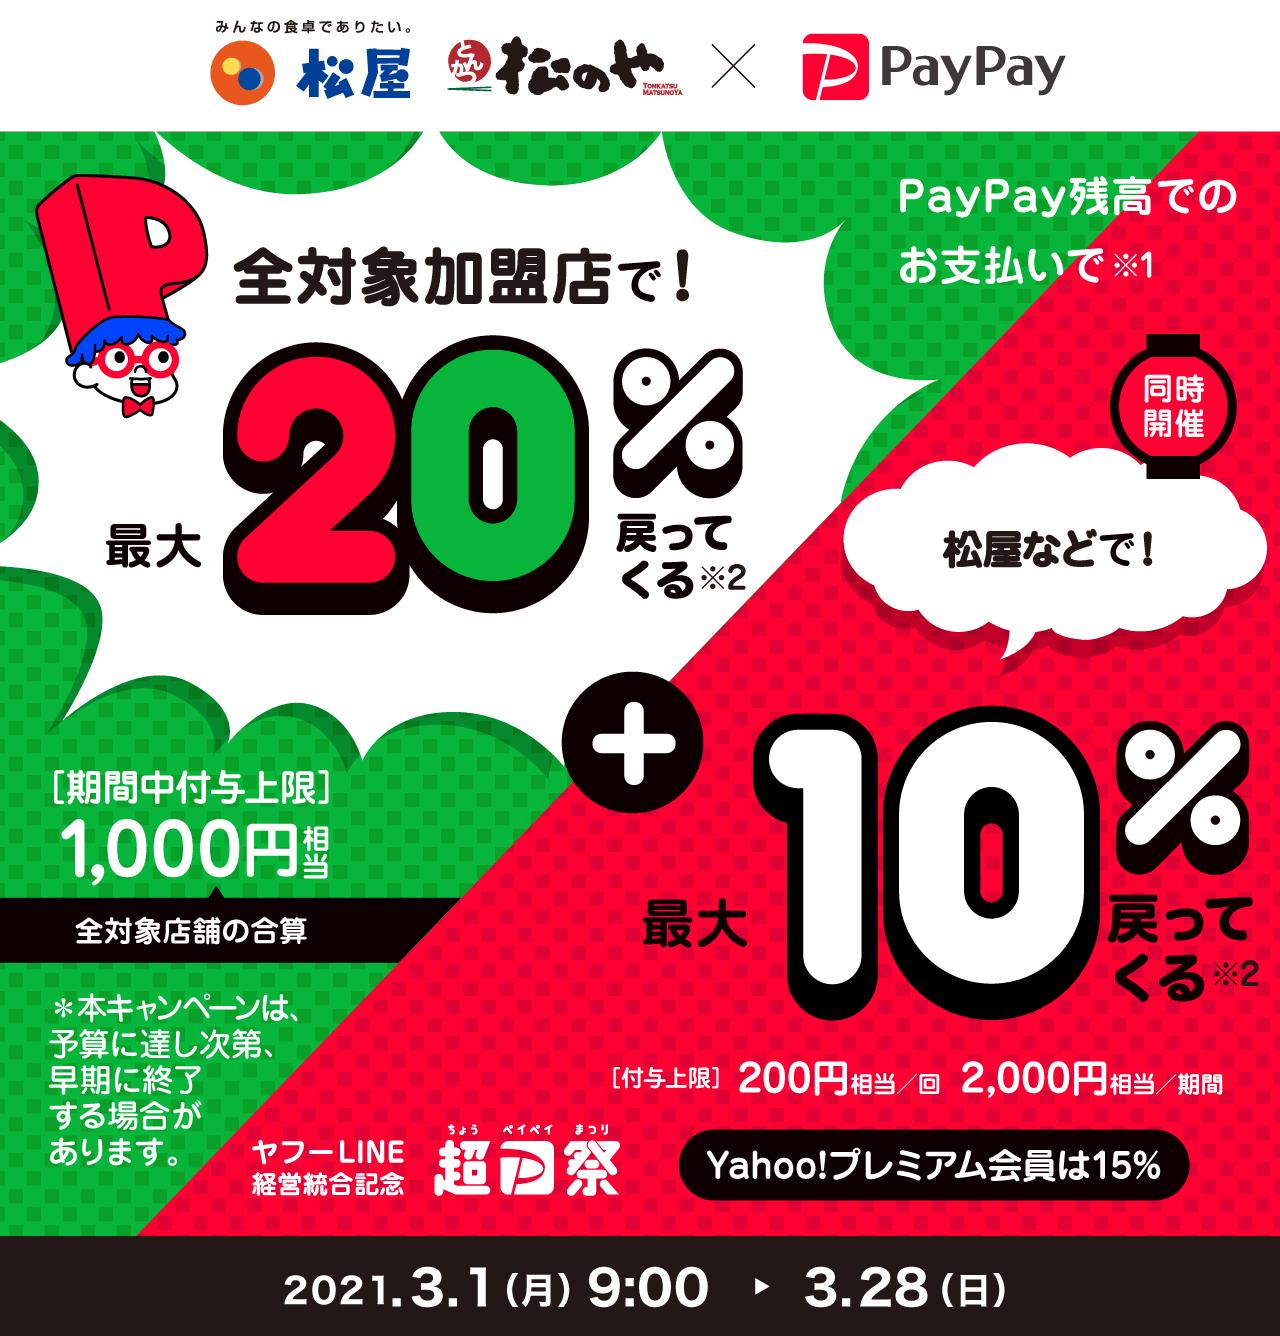 PayPayで吉野家20%+100Tポイントバック。松屋は30%バック。吉野家は1回だけ実質200円ちょいで牛丼が食べられる。~3/28。